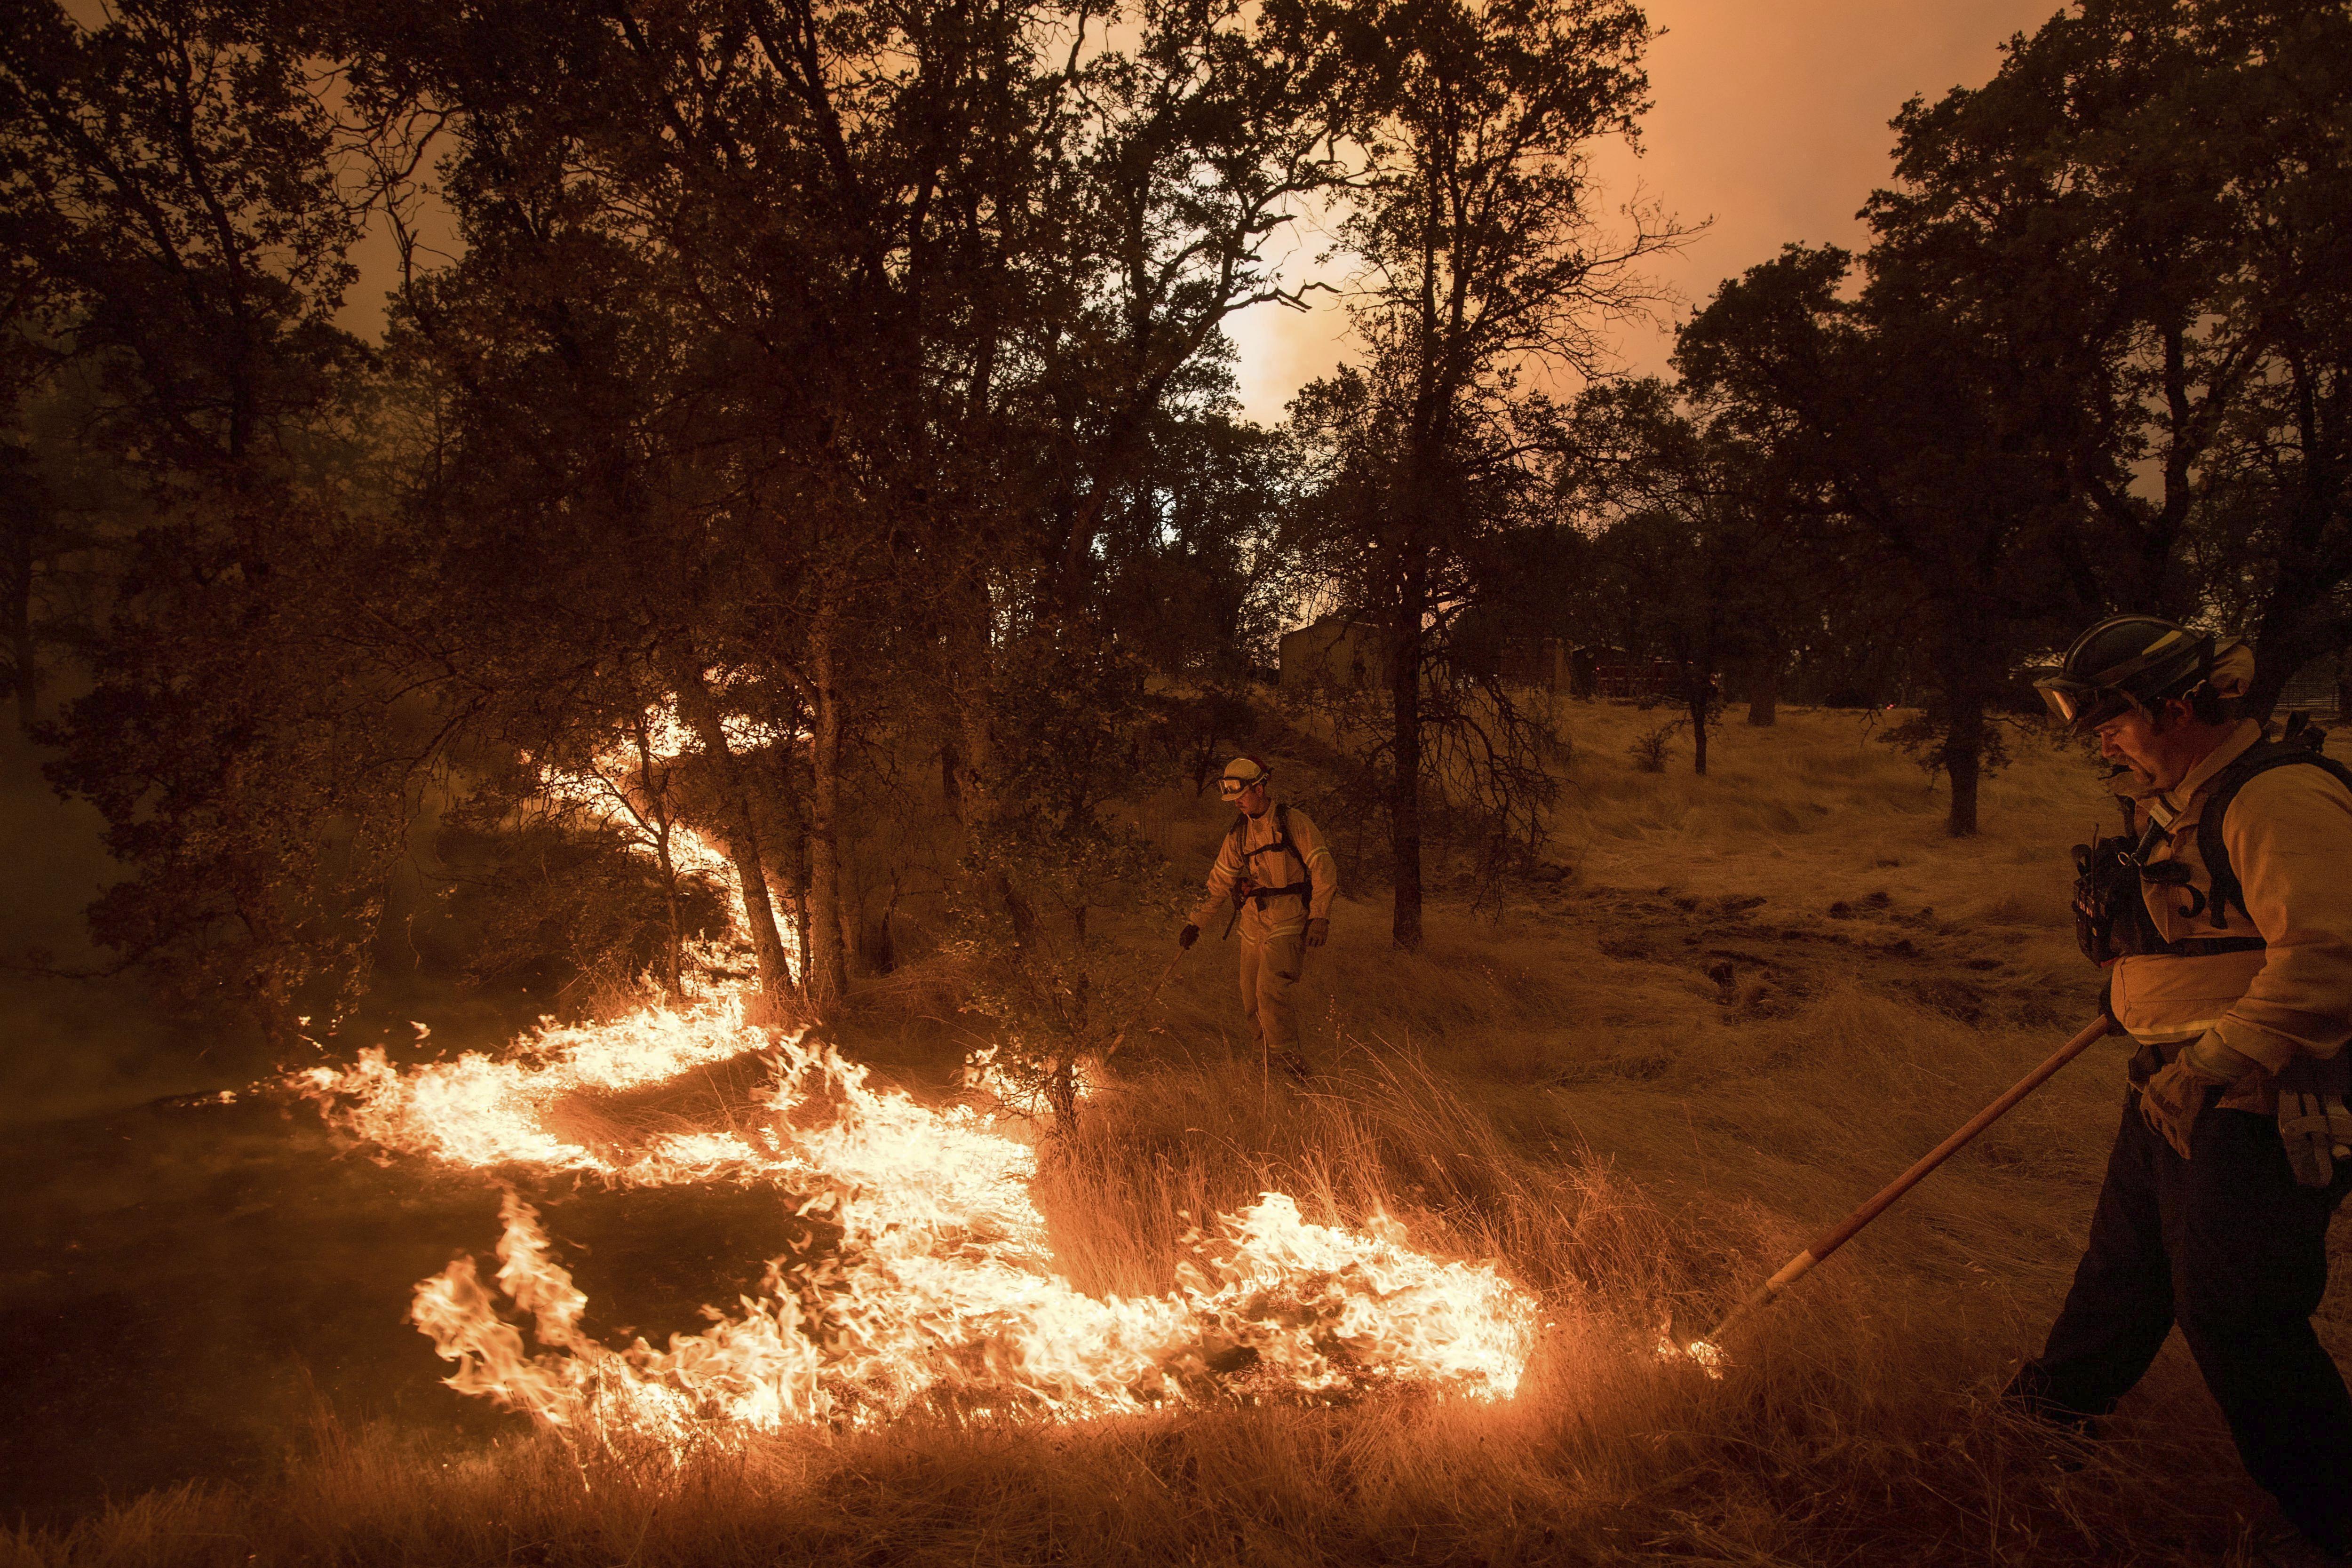 Dos bombers cremen vegetació per crear un tallafoc al costat d'un habitatge amenaçat per les flames a Califòrnia (Estats Units). /NOAH BERGER